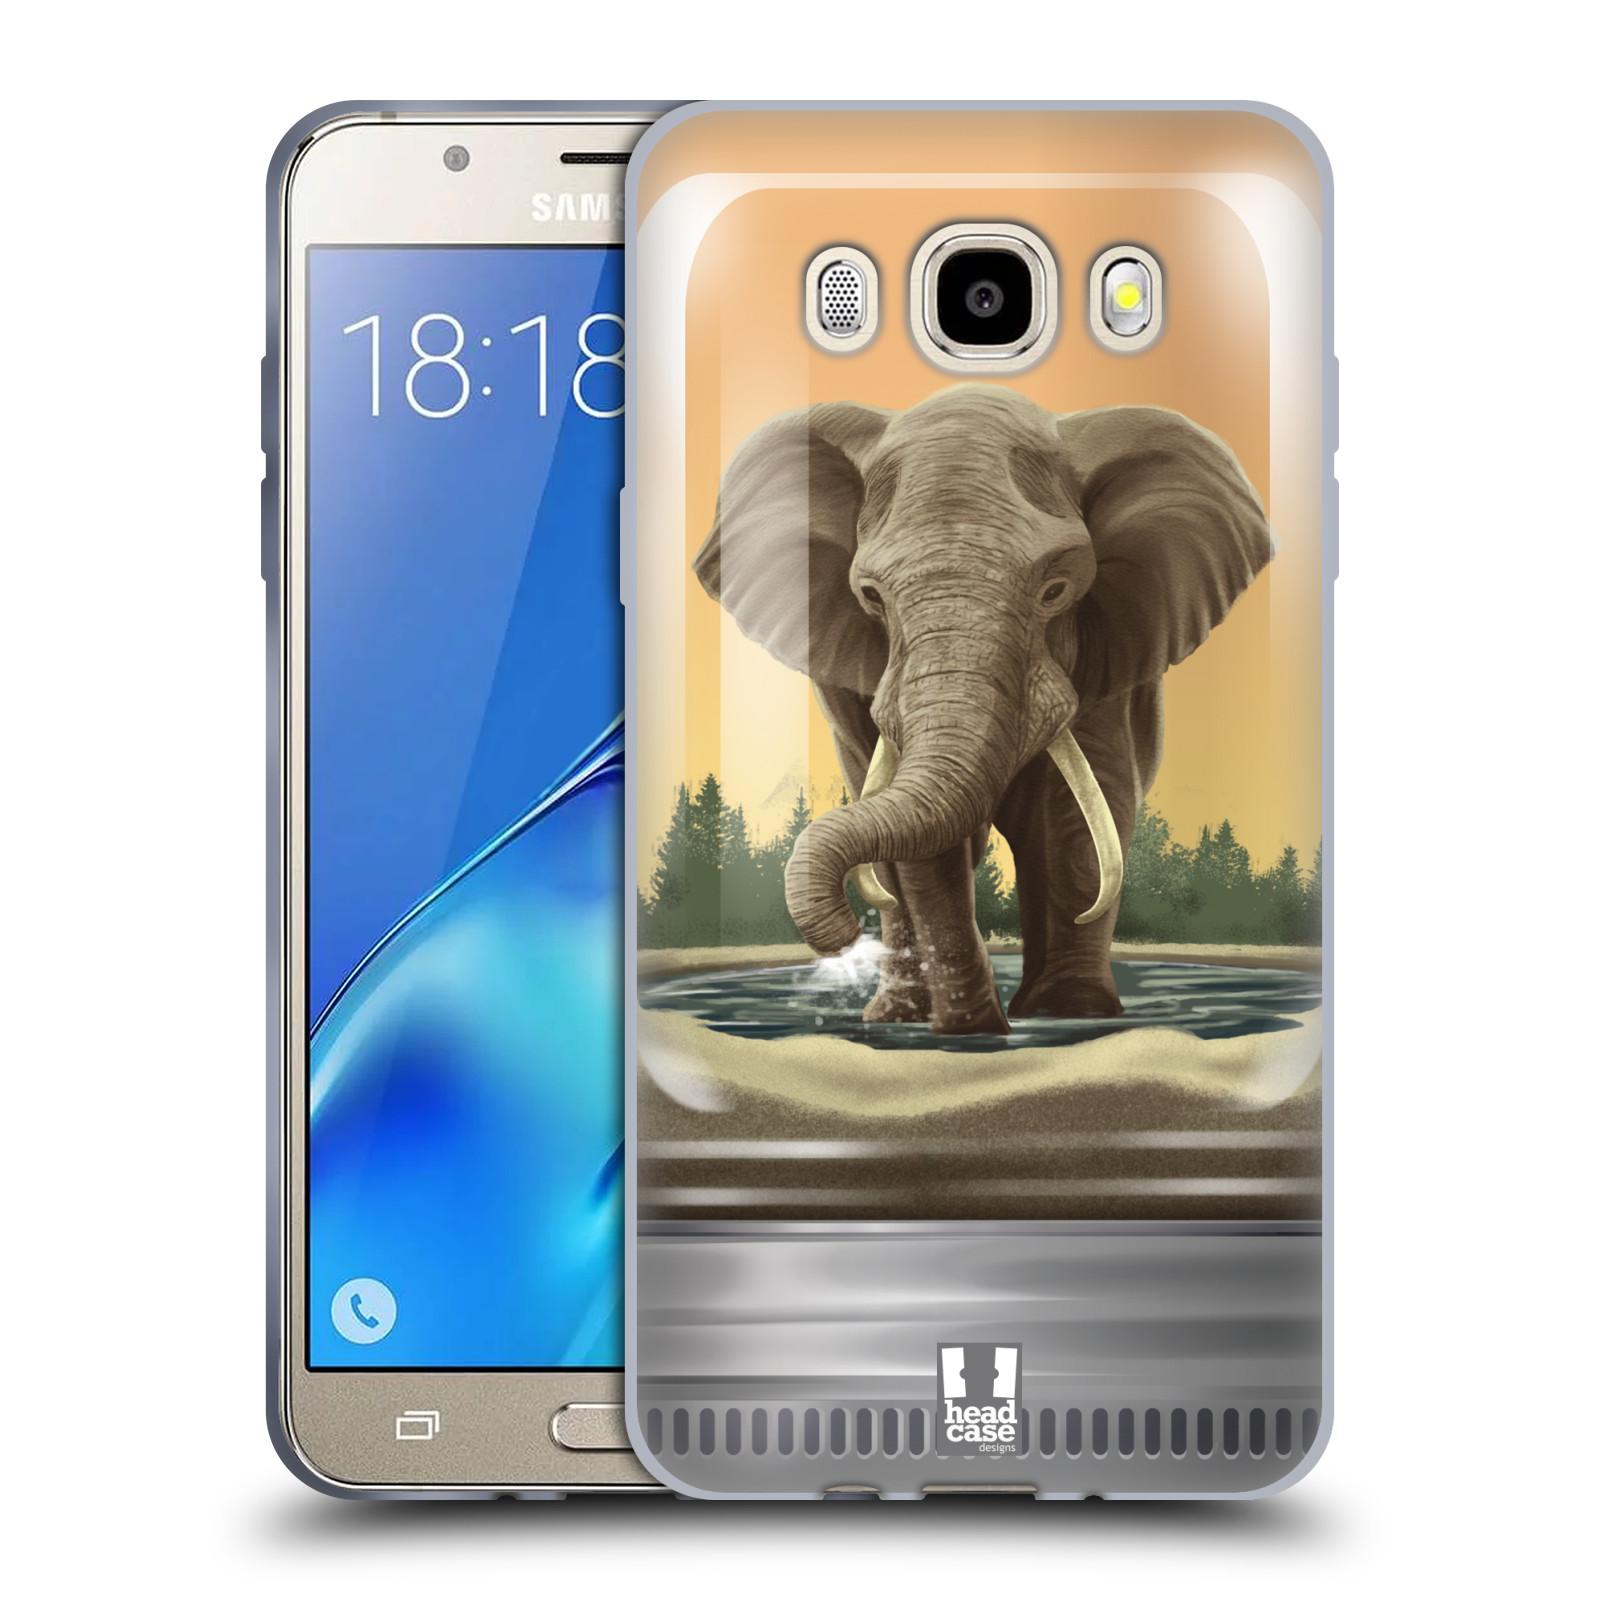 HEAD CASE silikonový obal, kryt na mobil Samsung Galaxy J5 2016, J510, J510F, (J510F DUAL SIM) vzor Zvířátka v těžítku slon